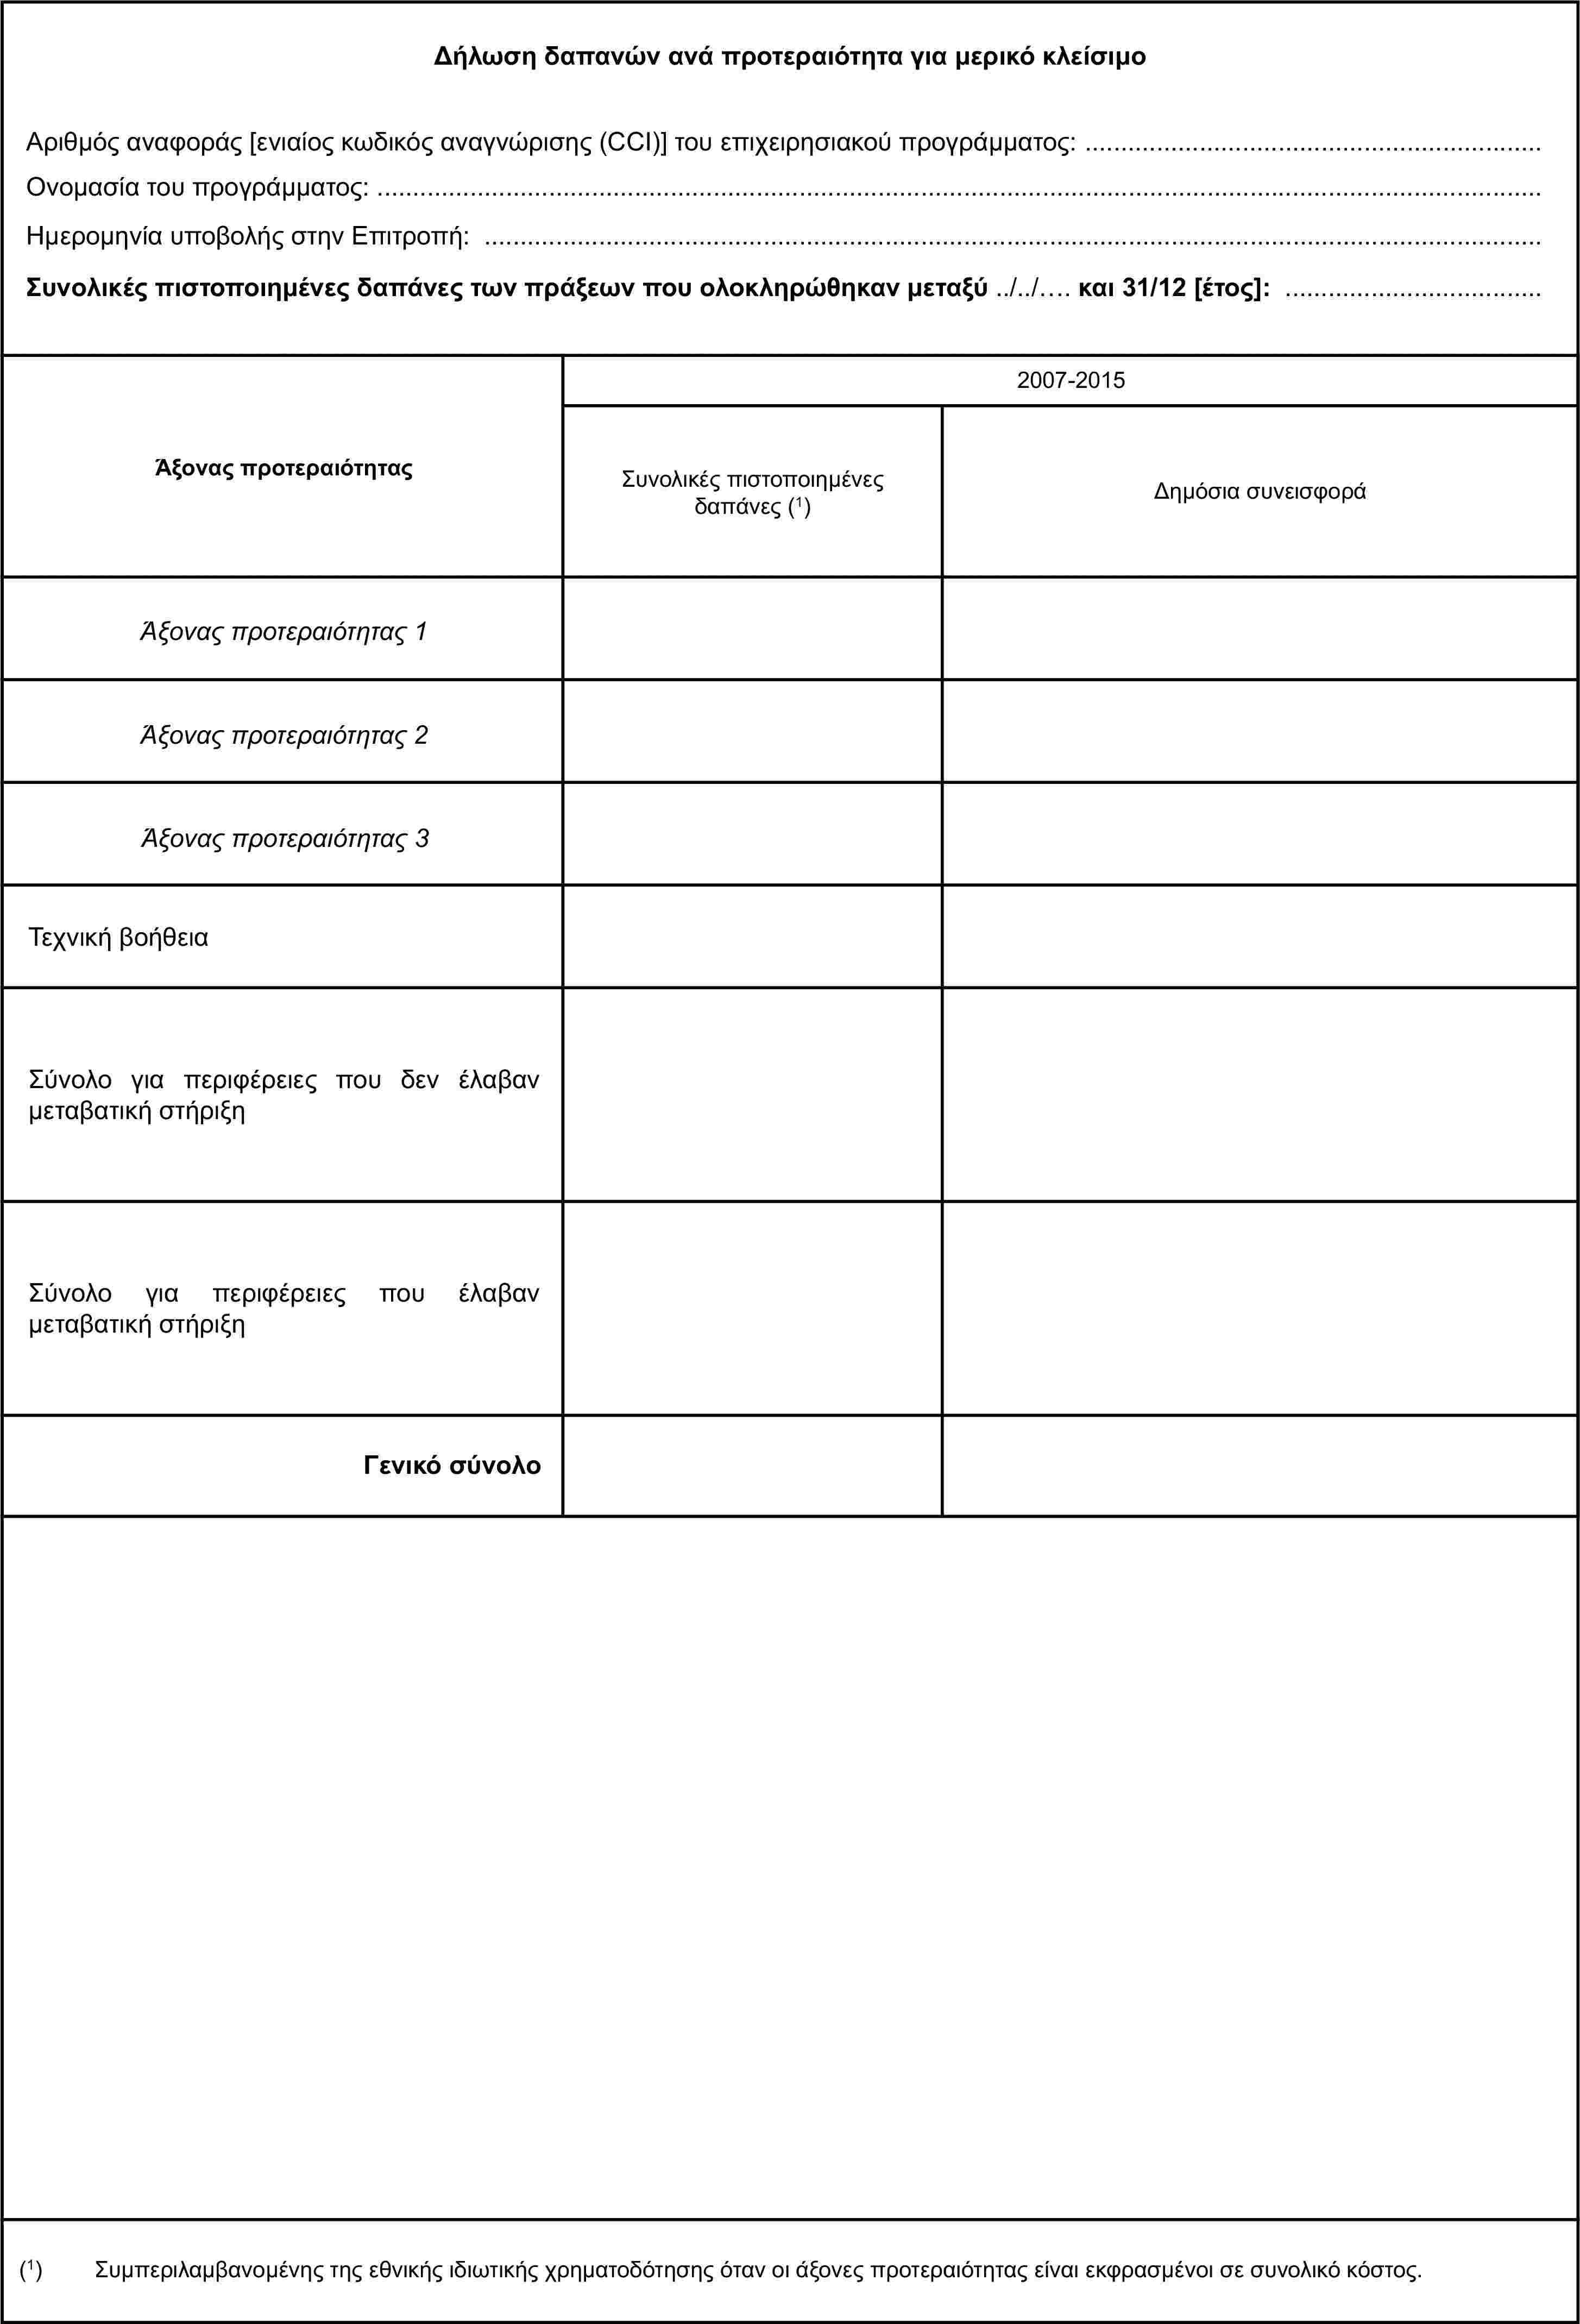 Δήλωση δαπανών ανά προτεραιότητα για μερικό κλείσιμοΑριθμός αναφοράς   ενιαίος κωδικός αναγνώρισης (CCI)  274de258acf